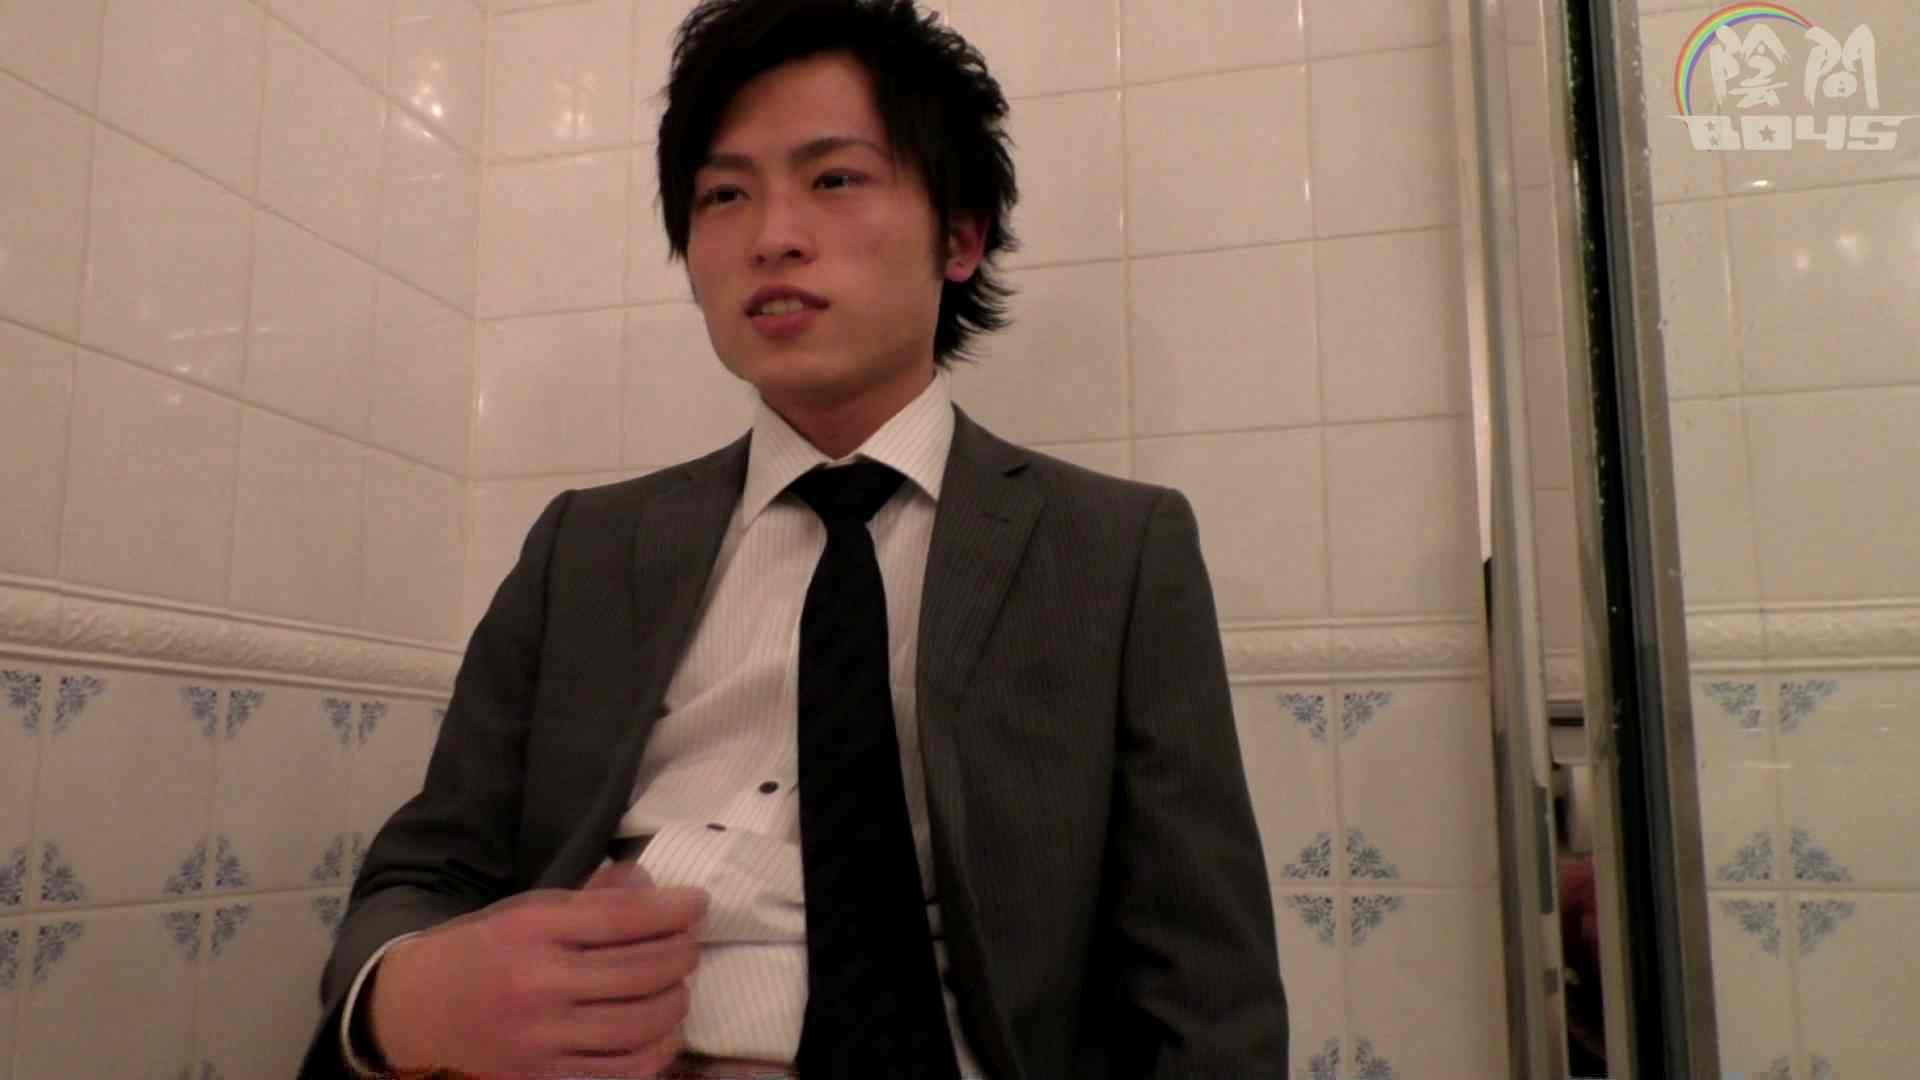 陰間BOYS~AV男優面接2、俺のアナルが…~01 お尻の穴 ゲイエロ動画 106pic 104